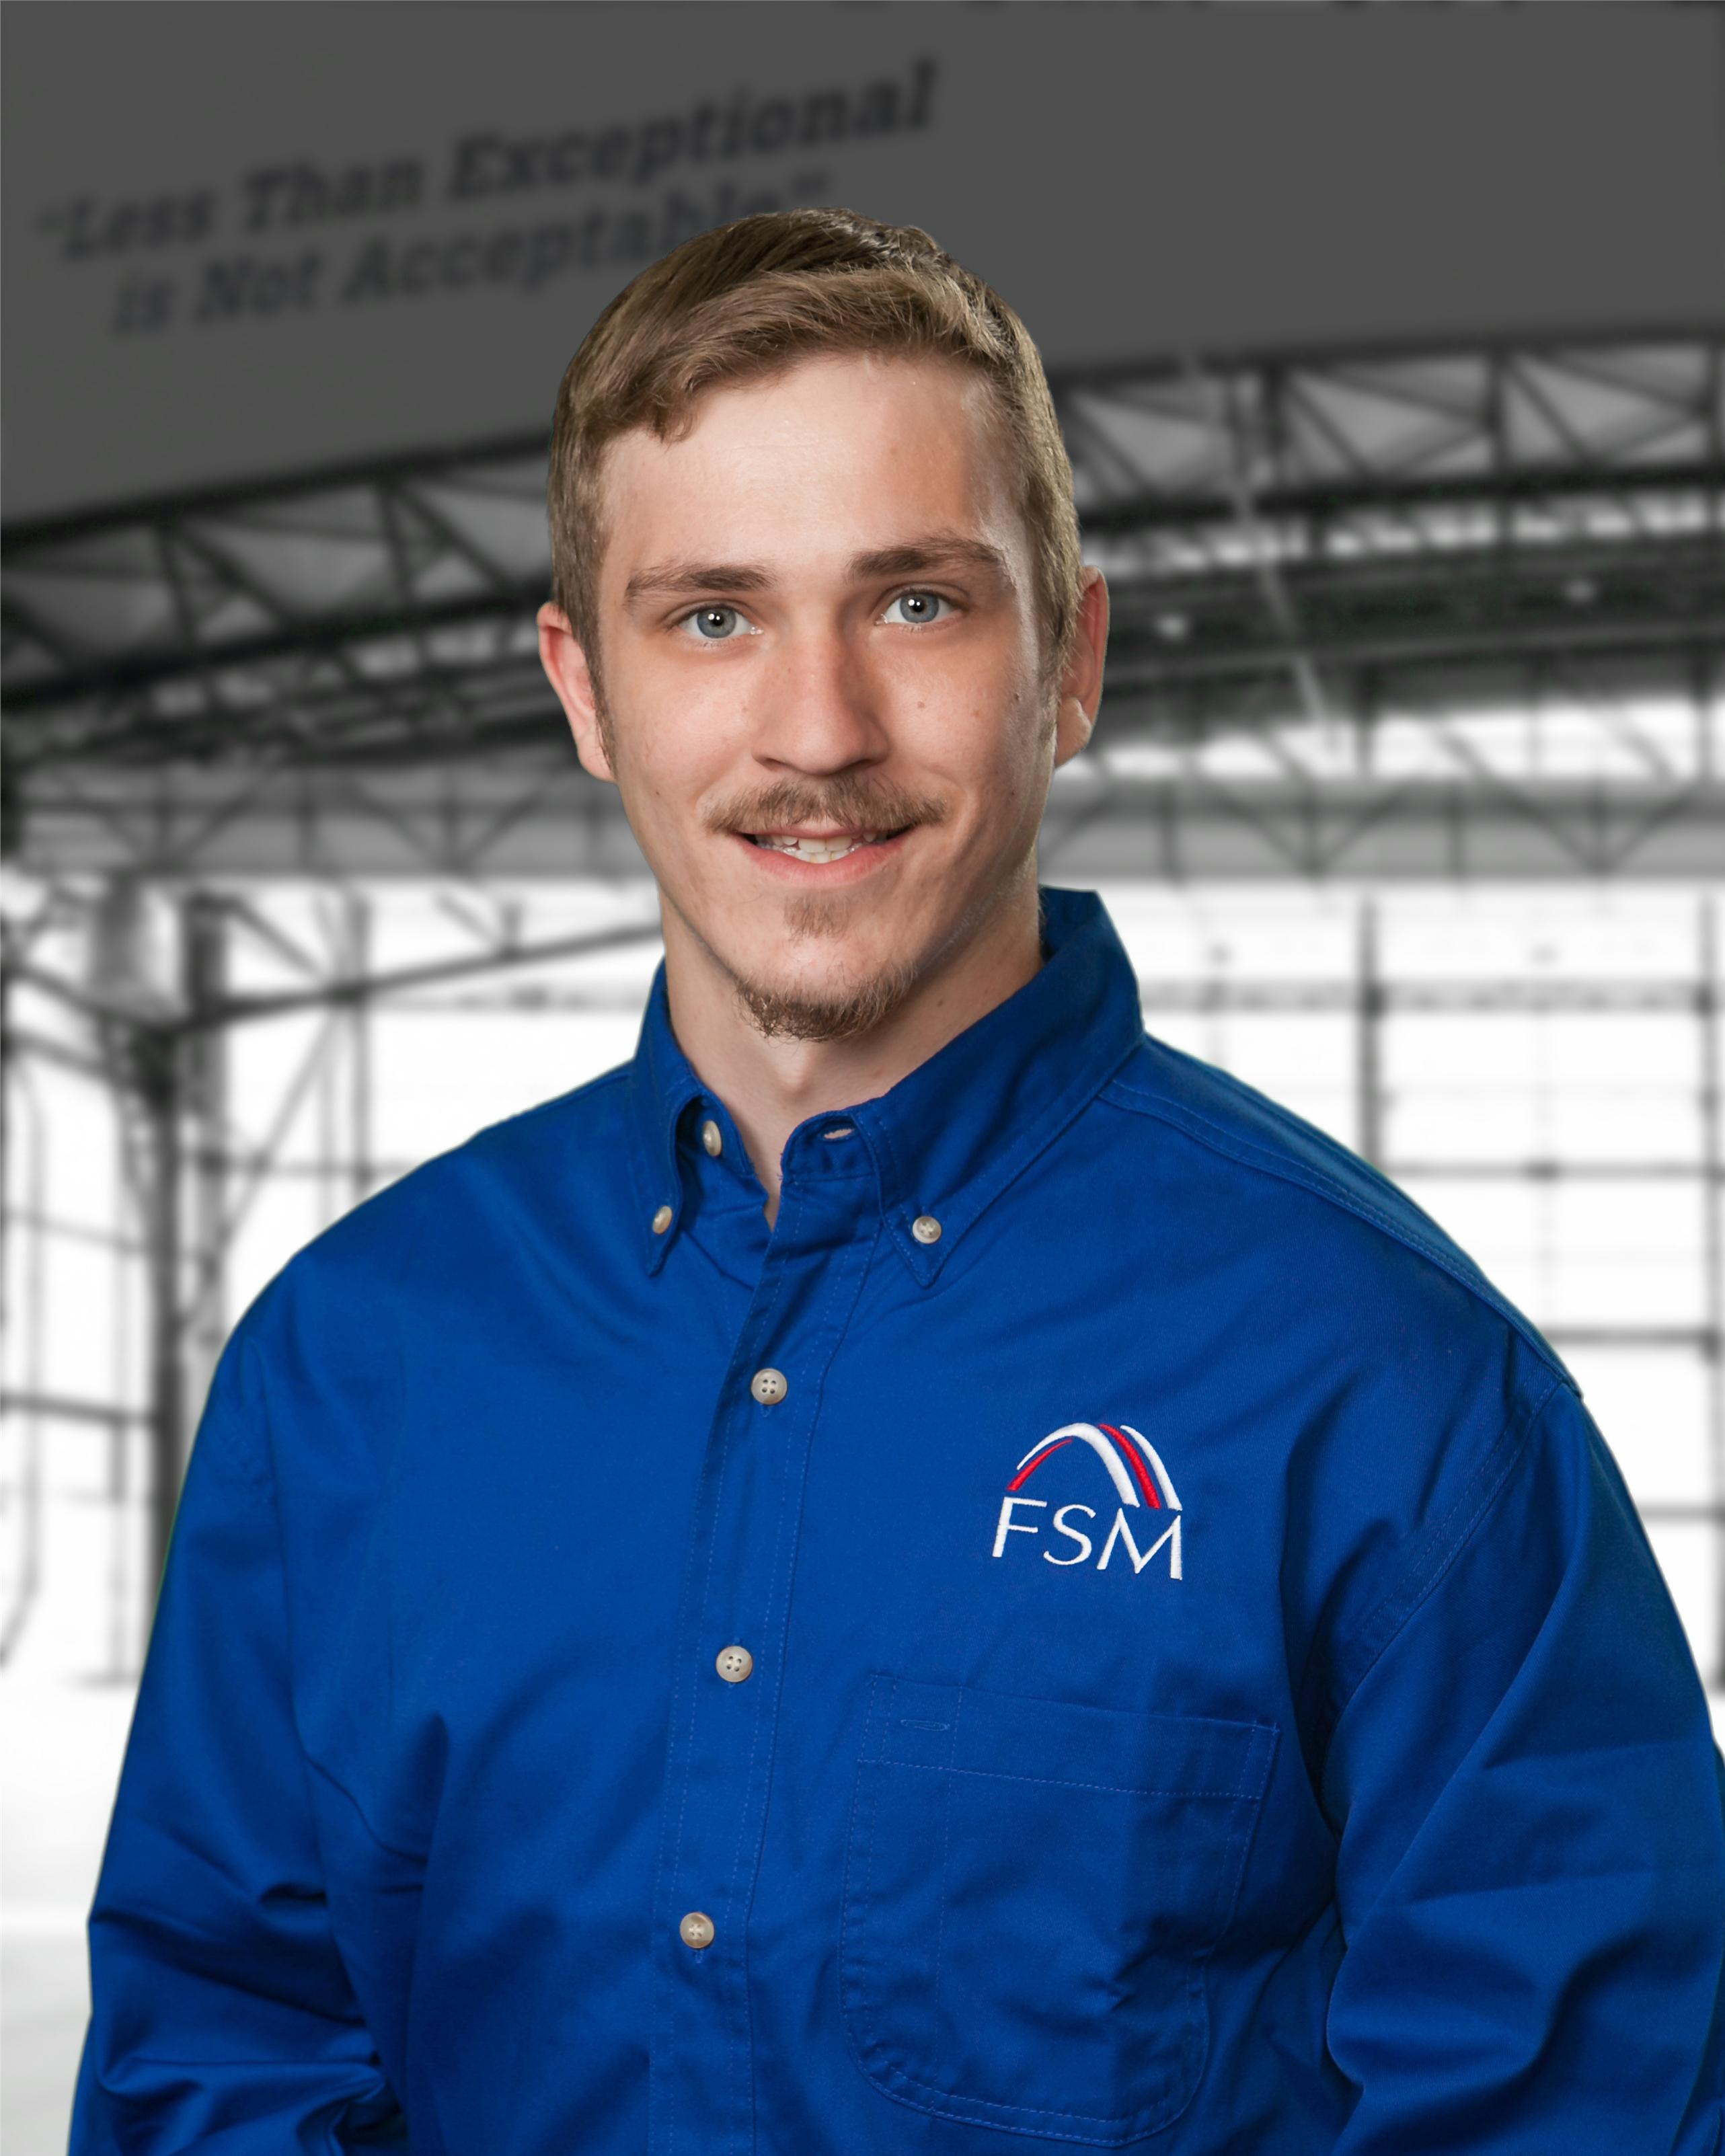 FSM Richard Zupancic Foreman